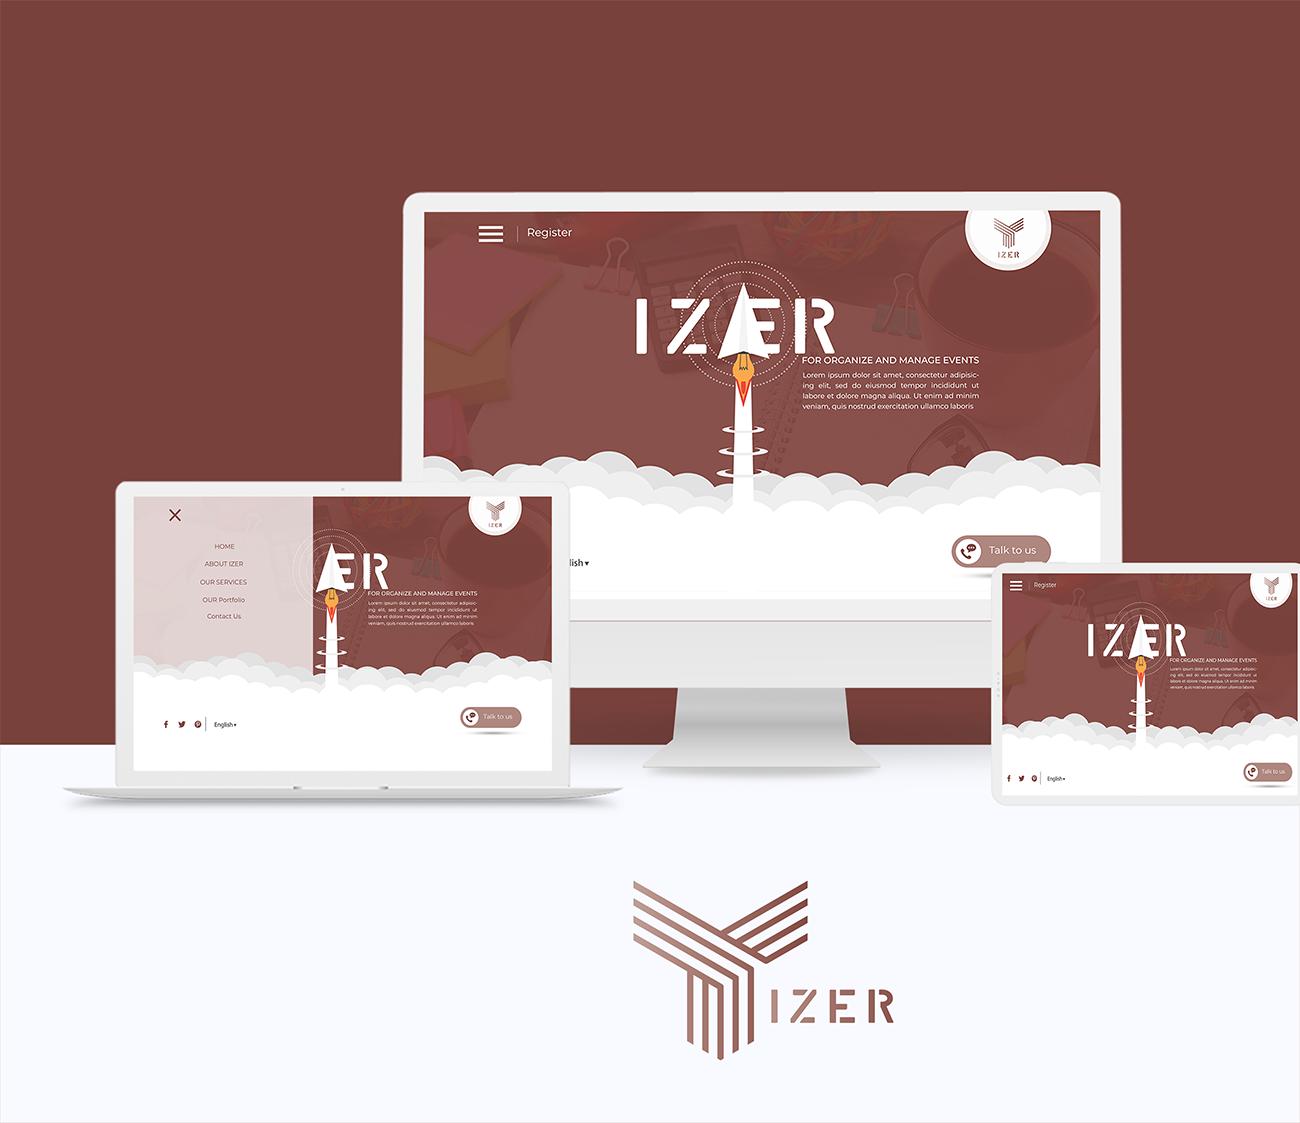 موقع شركة ايزر لتنظيم الفعاليات